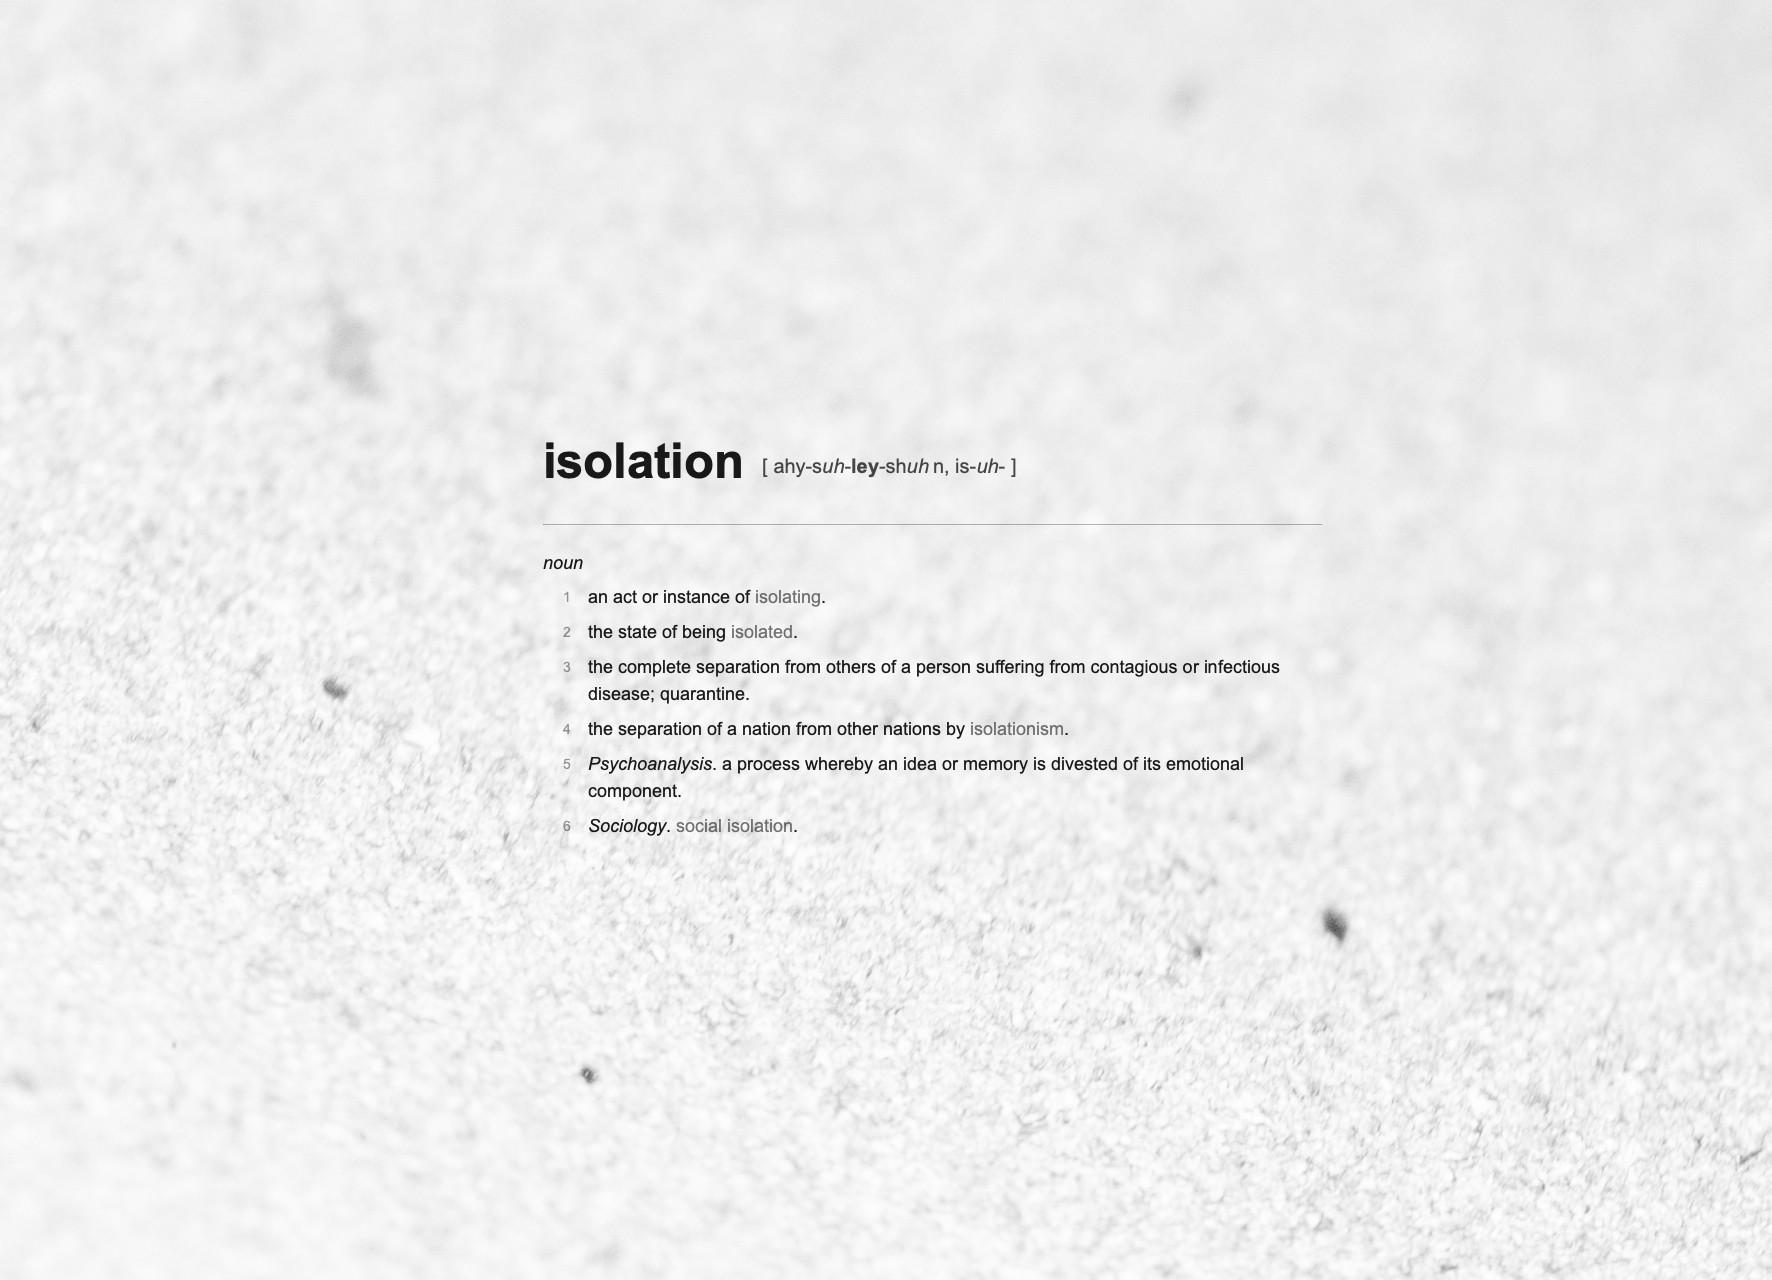 ISOLATION-11-JUANMI-MARQUEZ-1762x1280-1762x1280-1762x1280